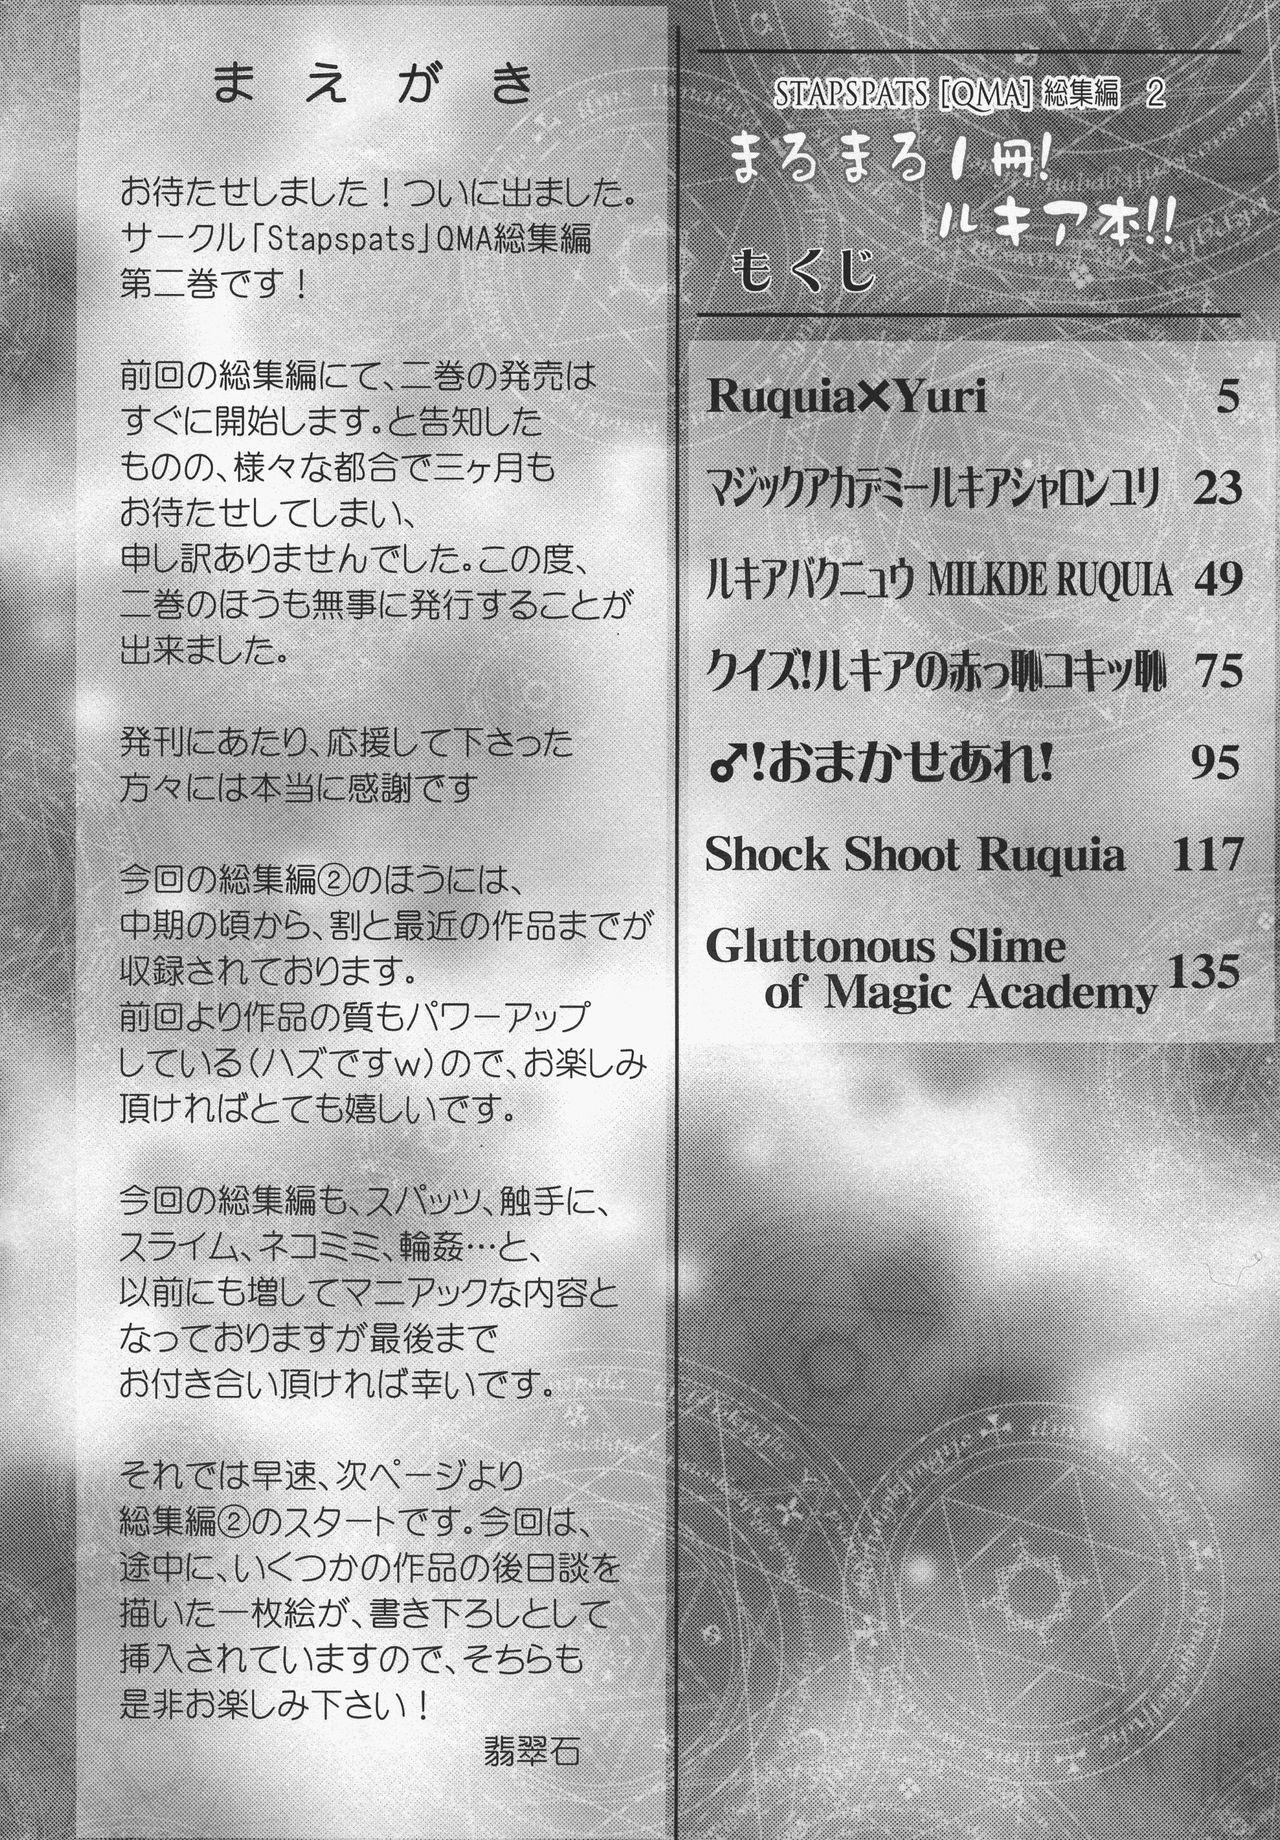 Stapspats QMA Soushuuhen 2: Marumaru Issatsu! Ruquia Hon!! 2